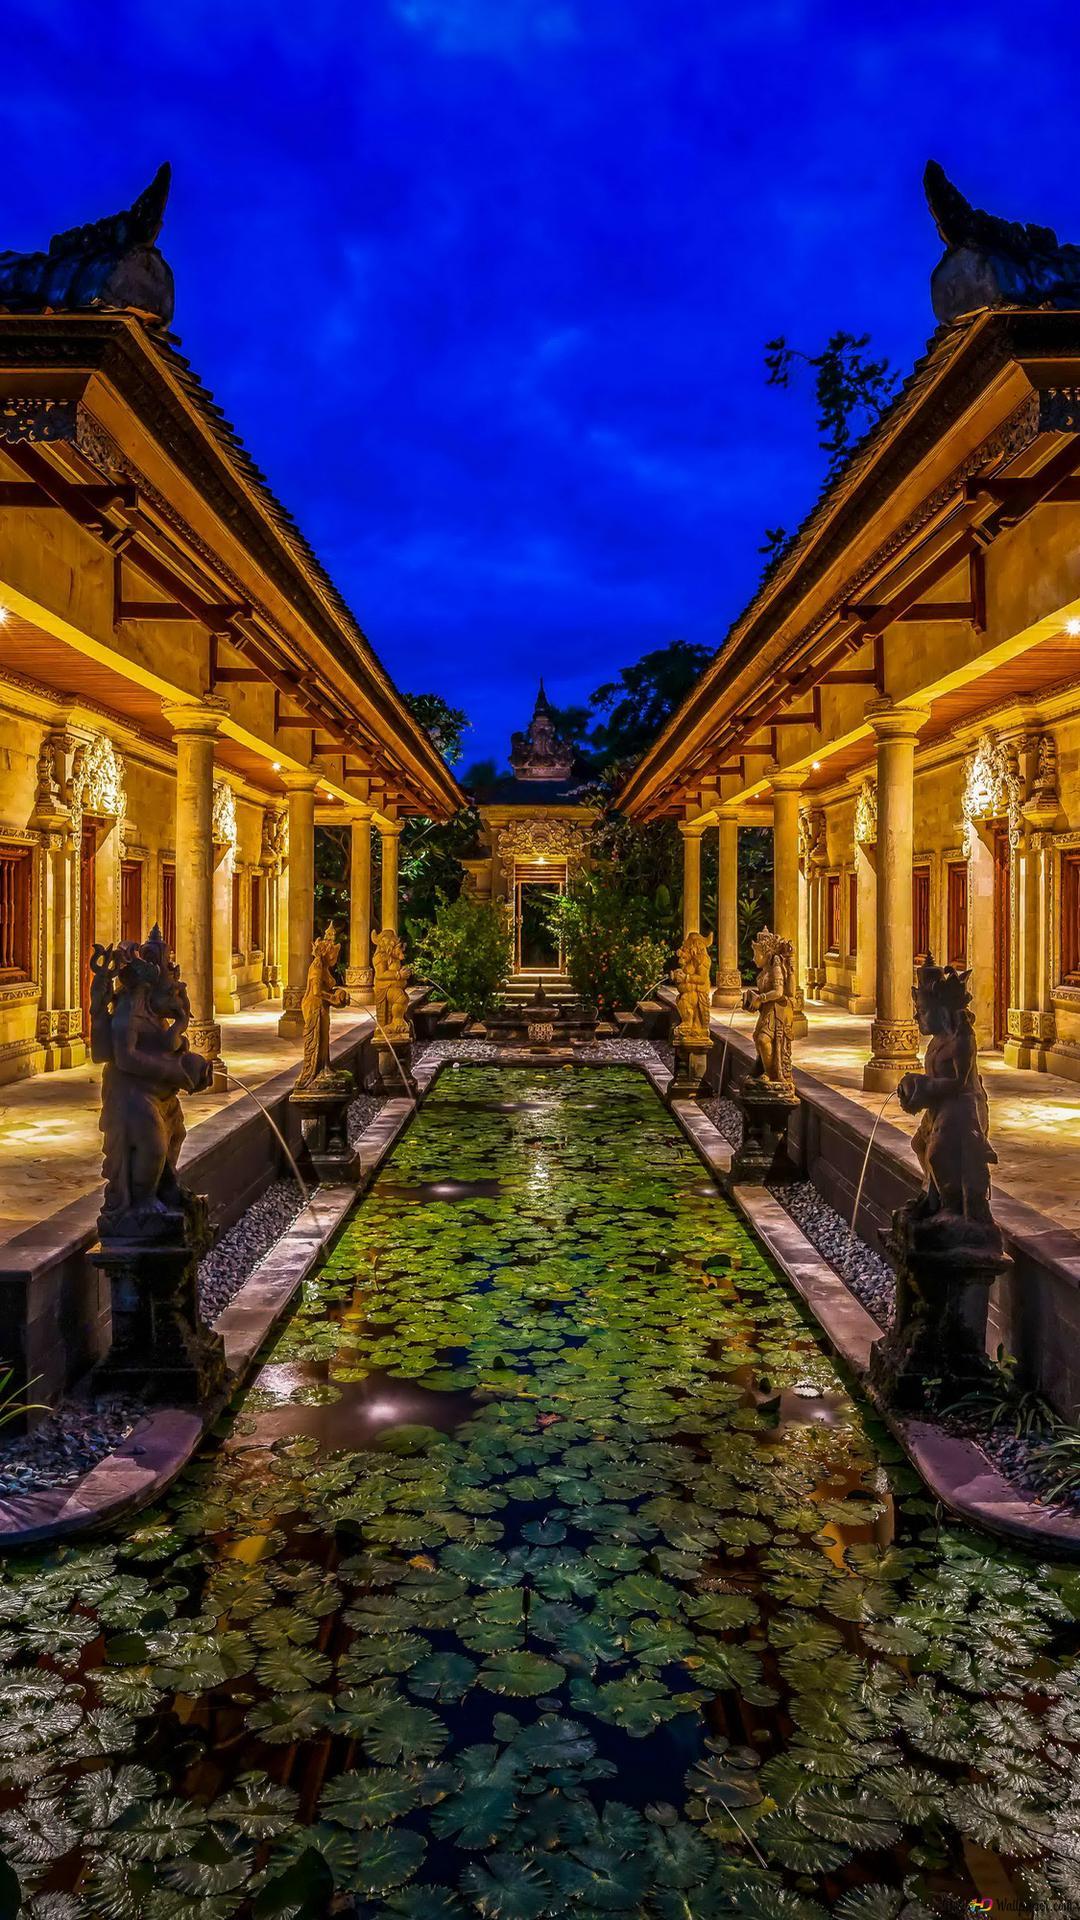 バリ島 インドネシアのホテル Hd壁紙のダウンロード